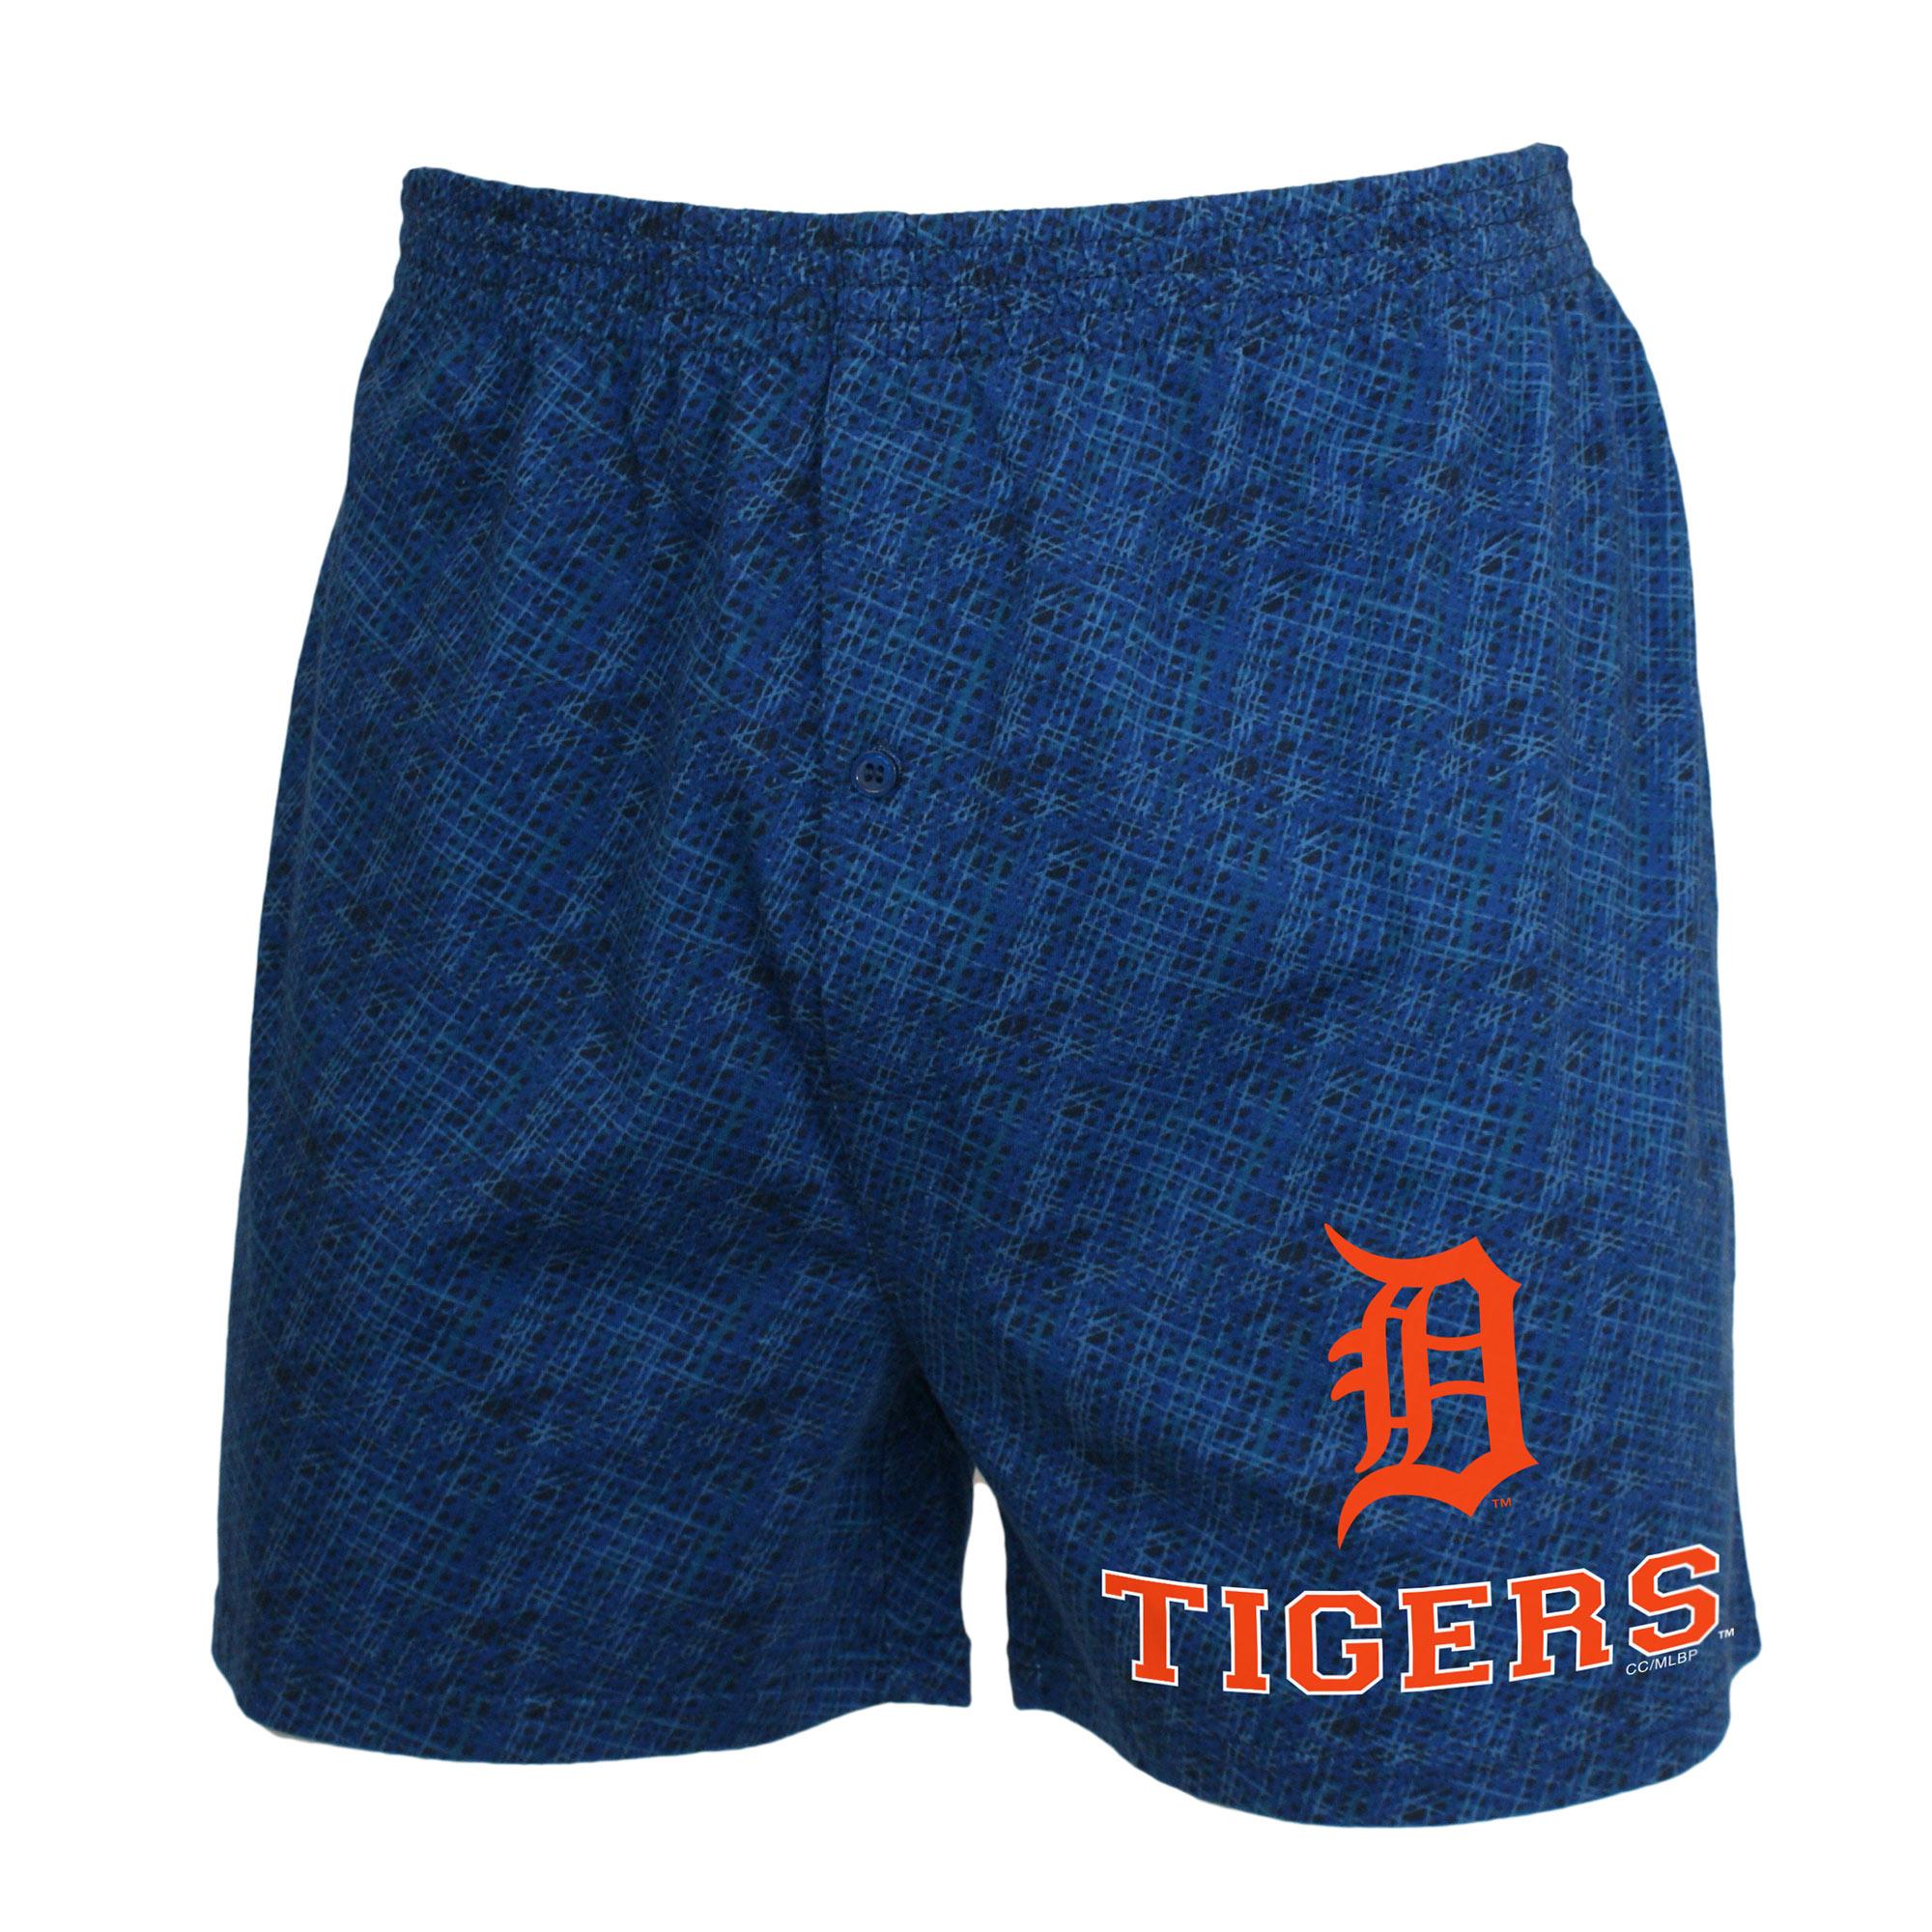 Detroit Tigers Concepts Sport Showdown Knit Boxer Shorts - Navy